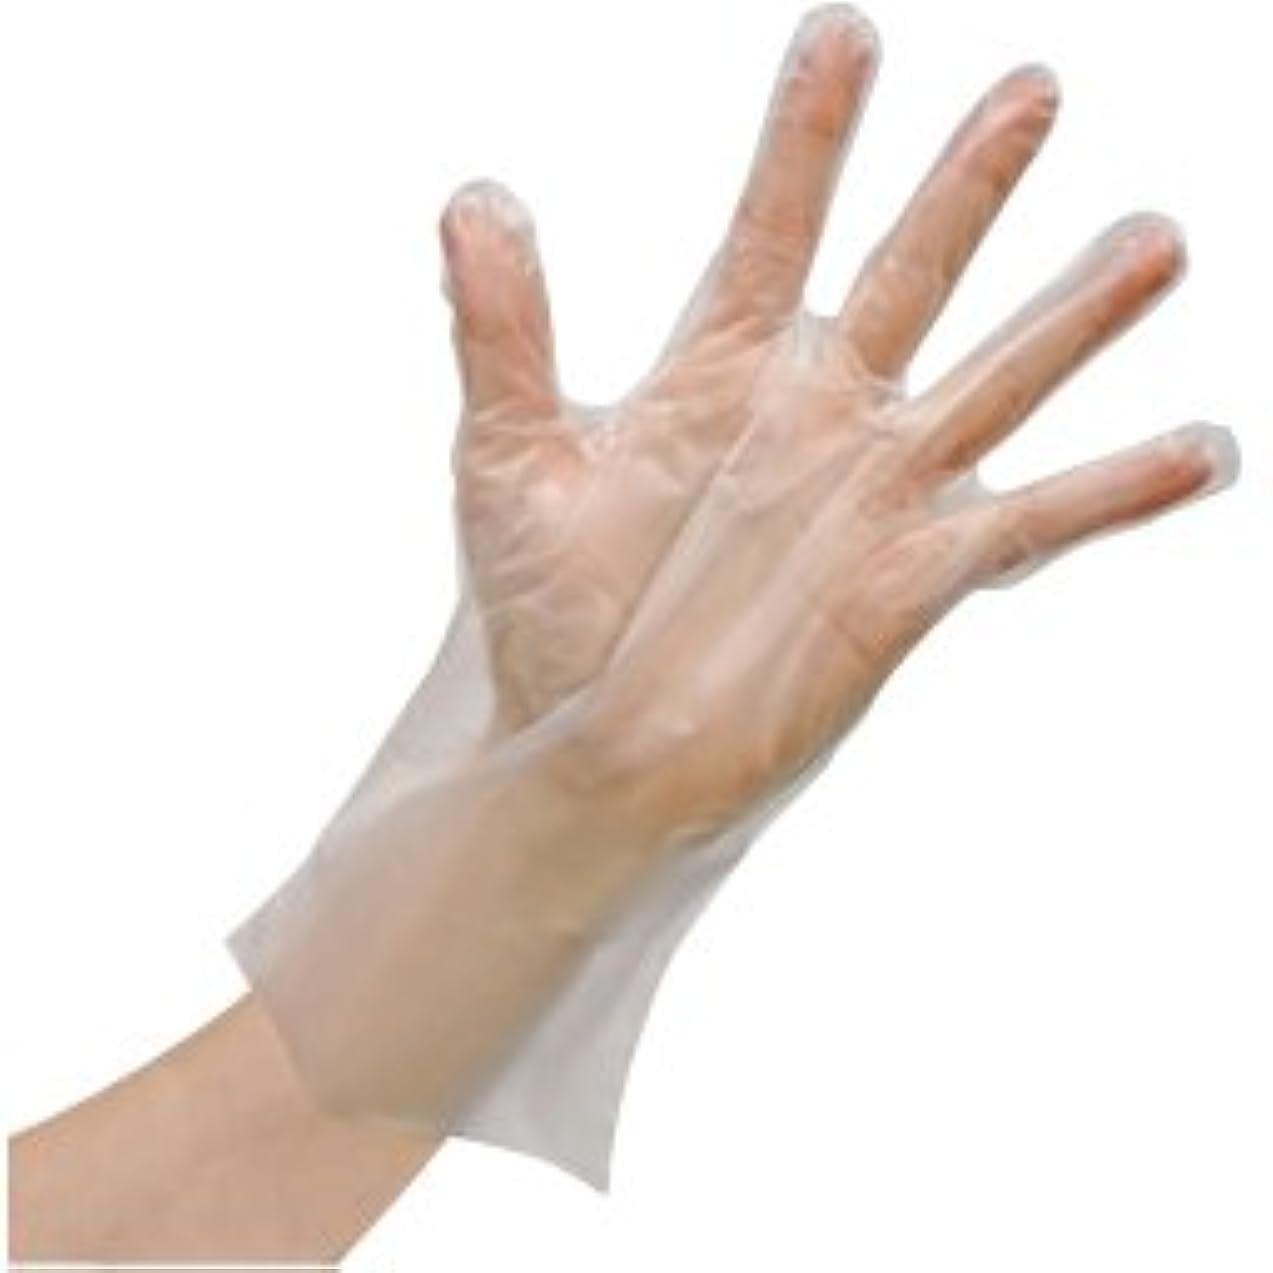 眼朝ごはん脱走使いきりLDポリエチレン手袋(箱) FR-5812(M)100???? ?????LD????????(??)(24-6743-01)【ファーストレイト】[60箱単位]